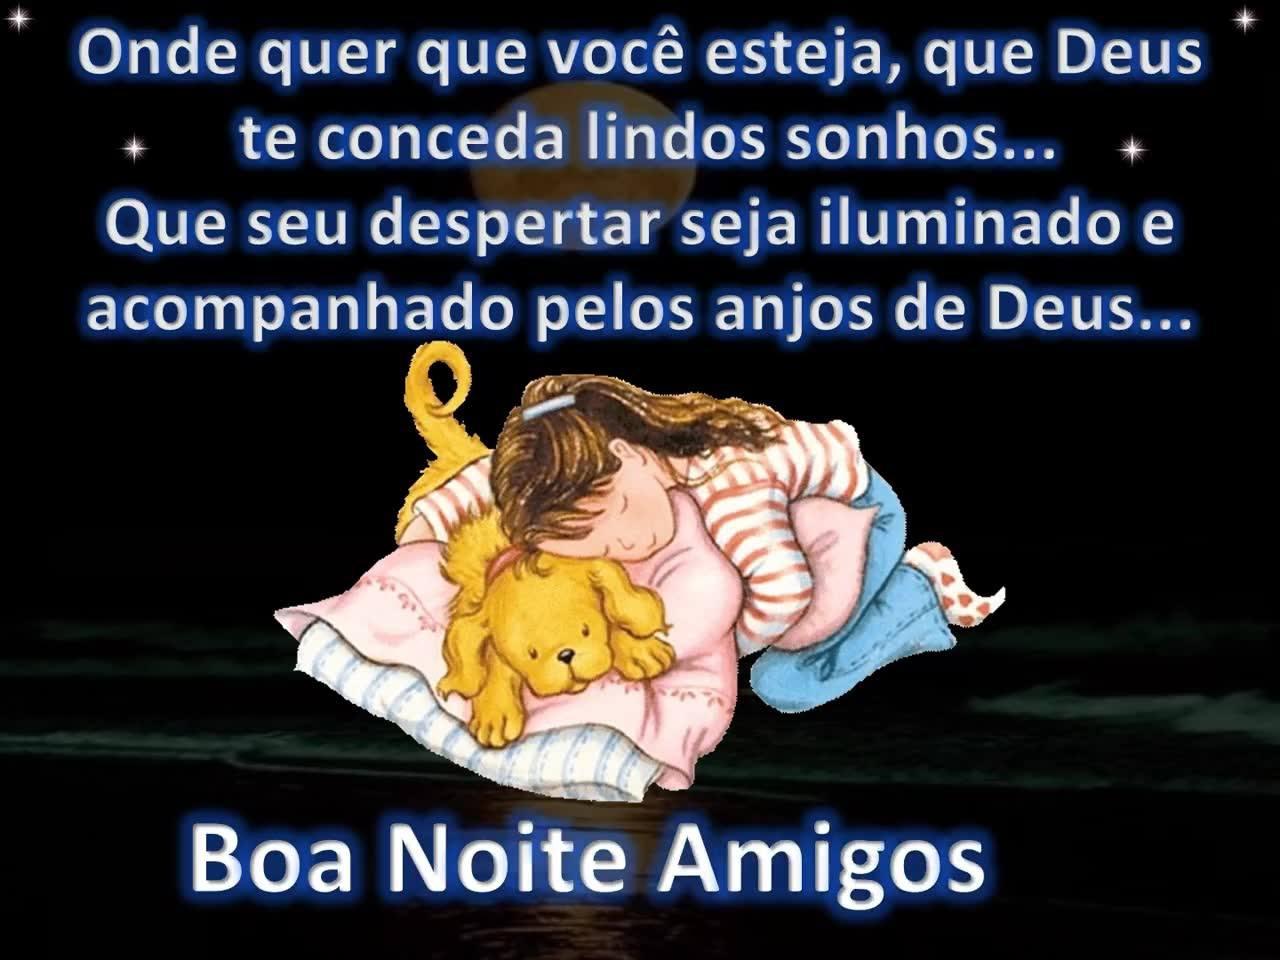 Mensagens De Boa Noite Para Amigos: Mensagem De Boa Noite Para Amigos! Que Os Anjos De Deus